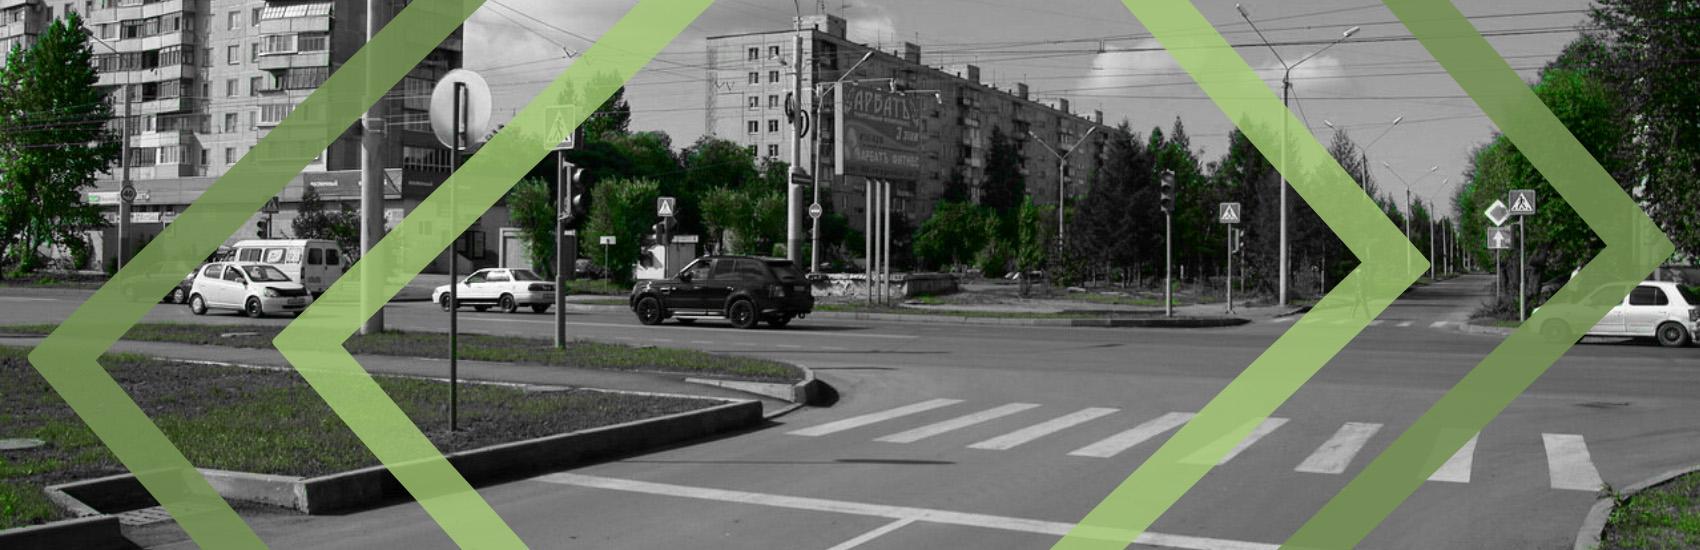 Как мы нашли записи с камер видеонаблюдения в Красноярске